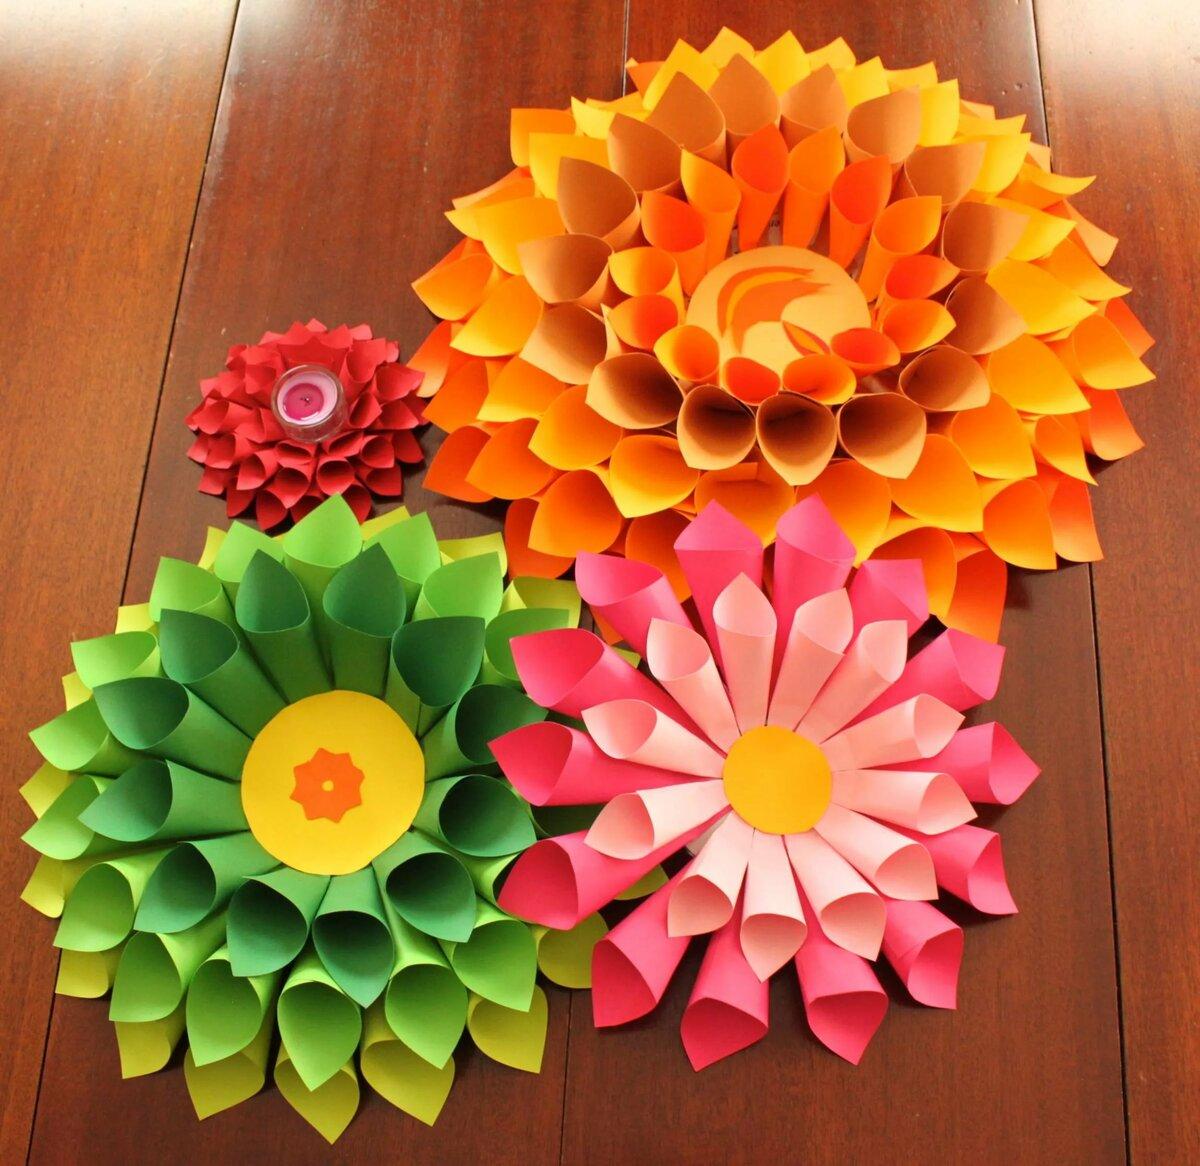 картинки поделок цветов из бумаги заметили вместе декабре